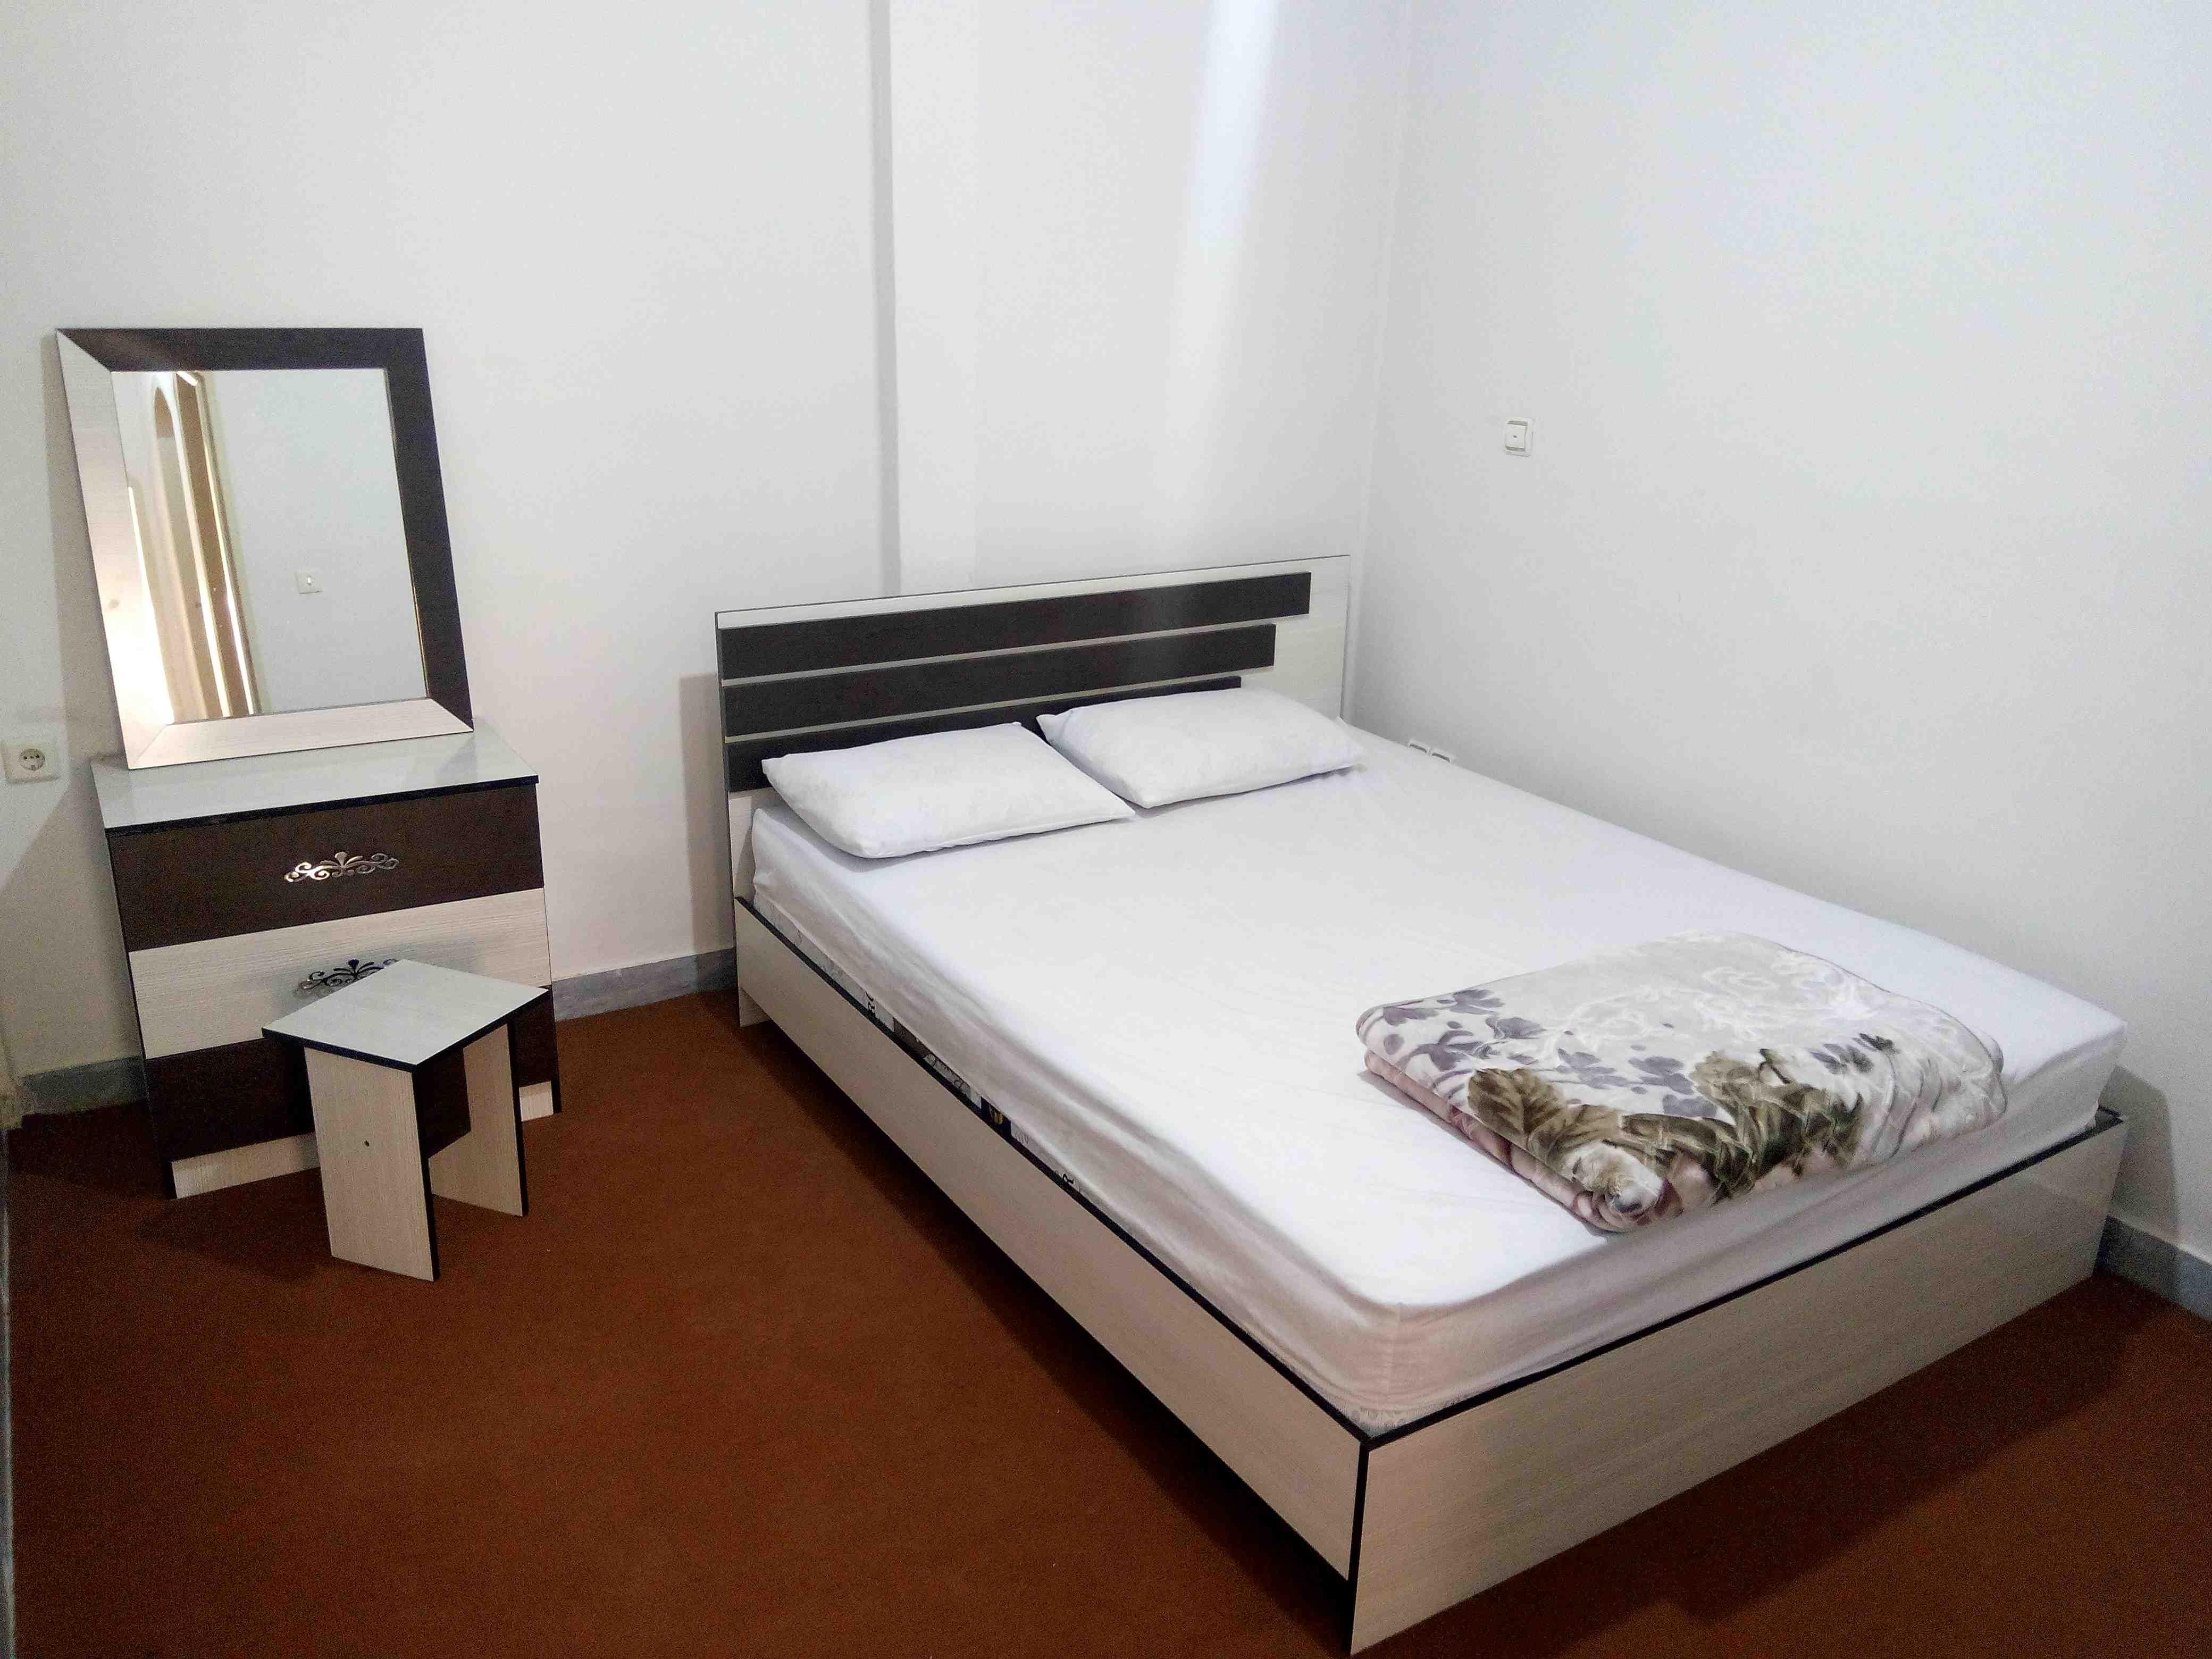 سوییت آپارتمان 2خواب شماره6